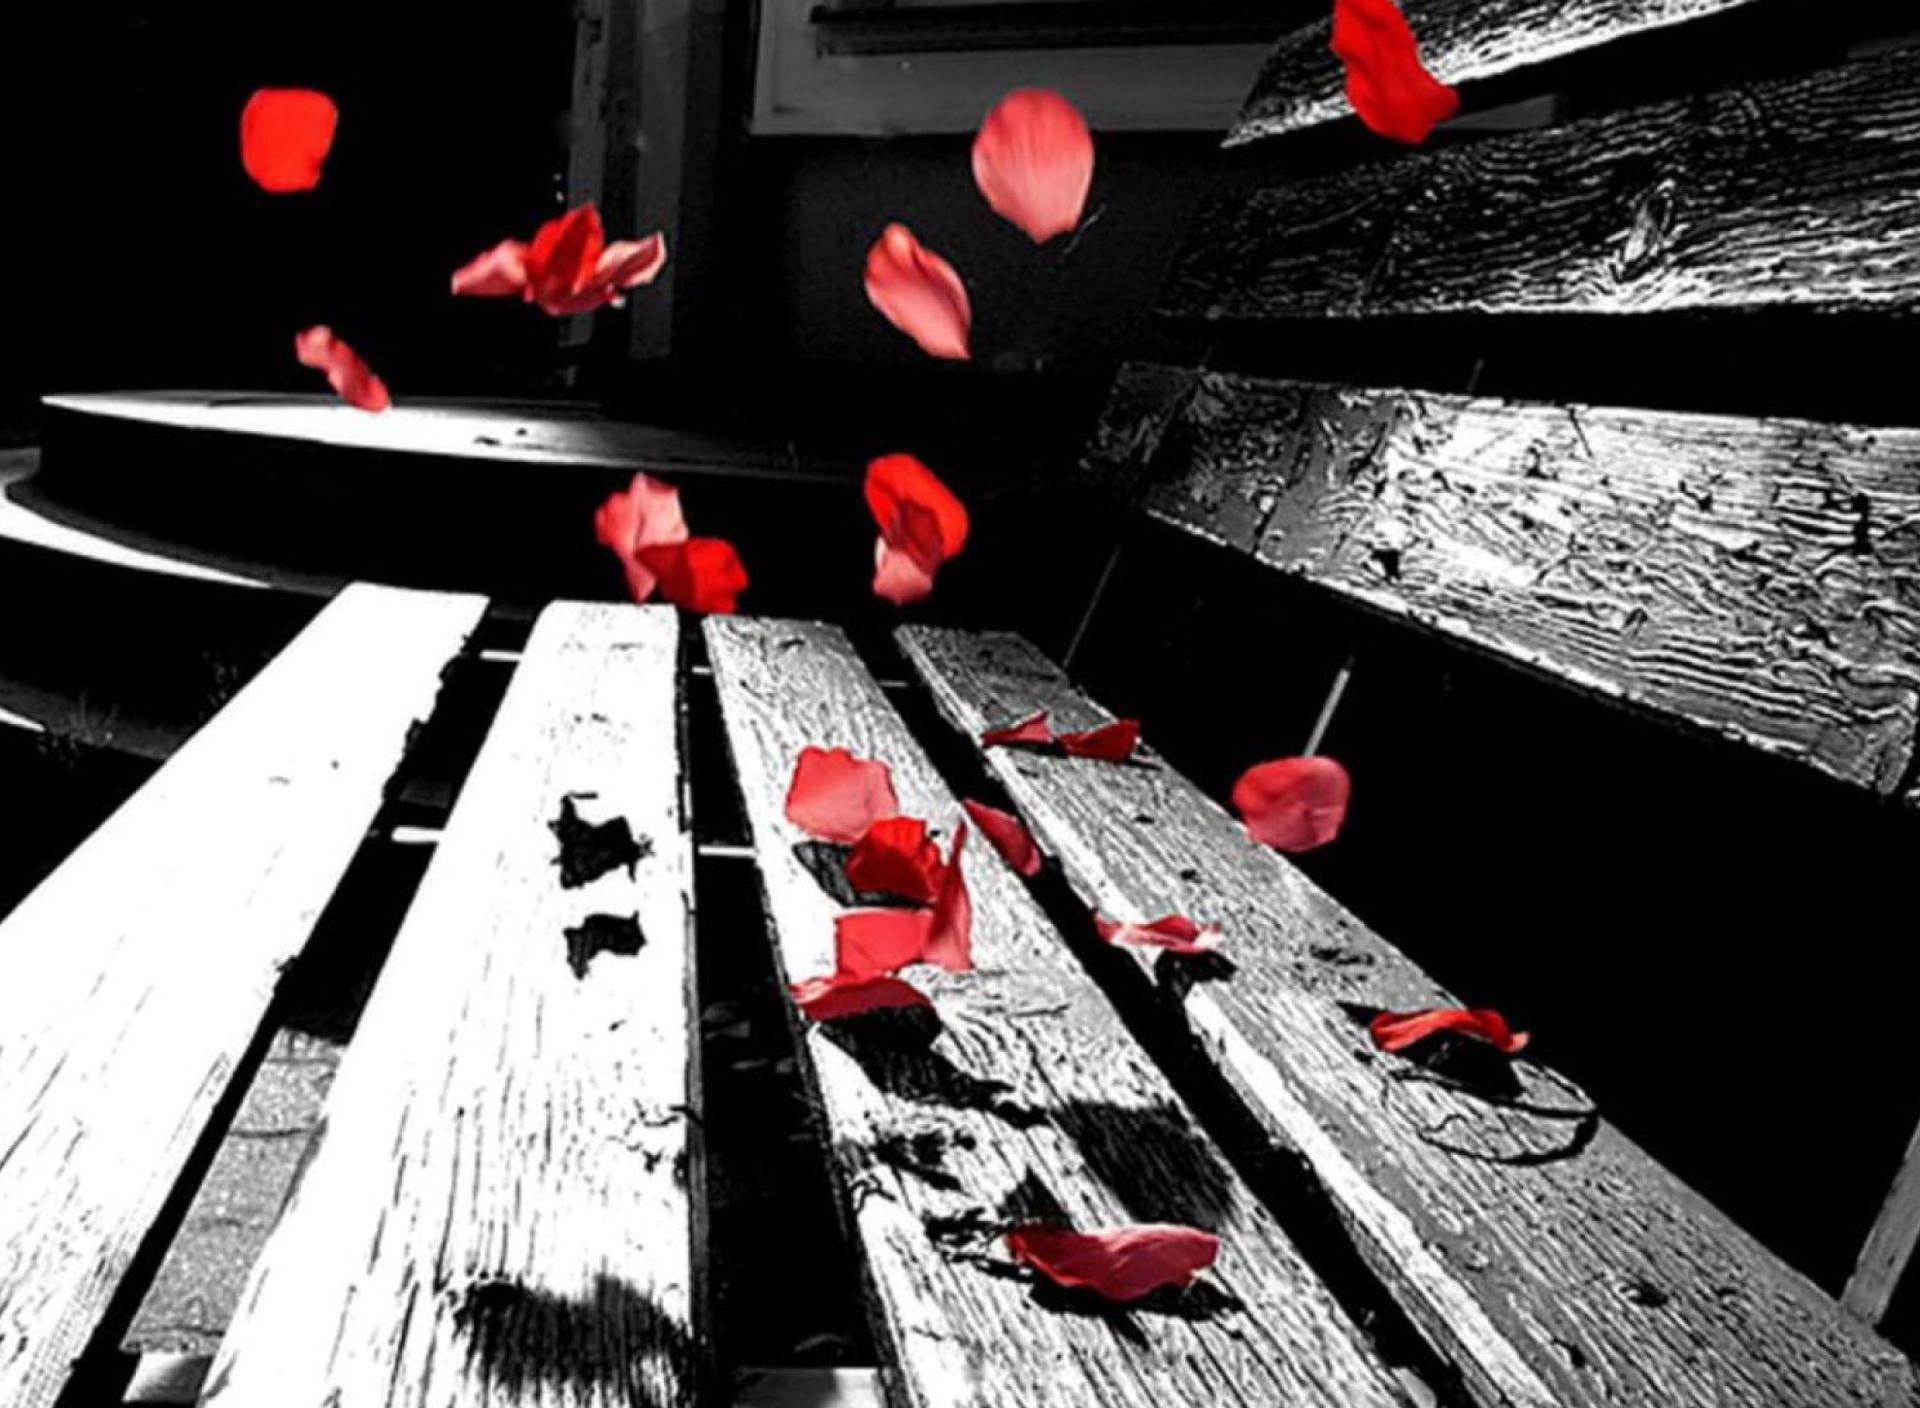 Прикольные черно-красные картинки, днем